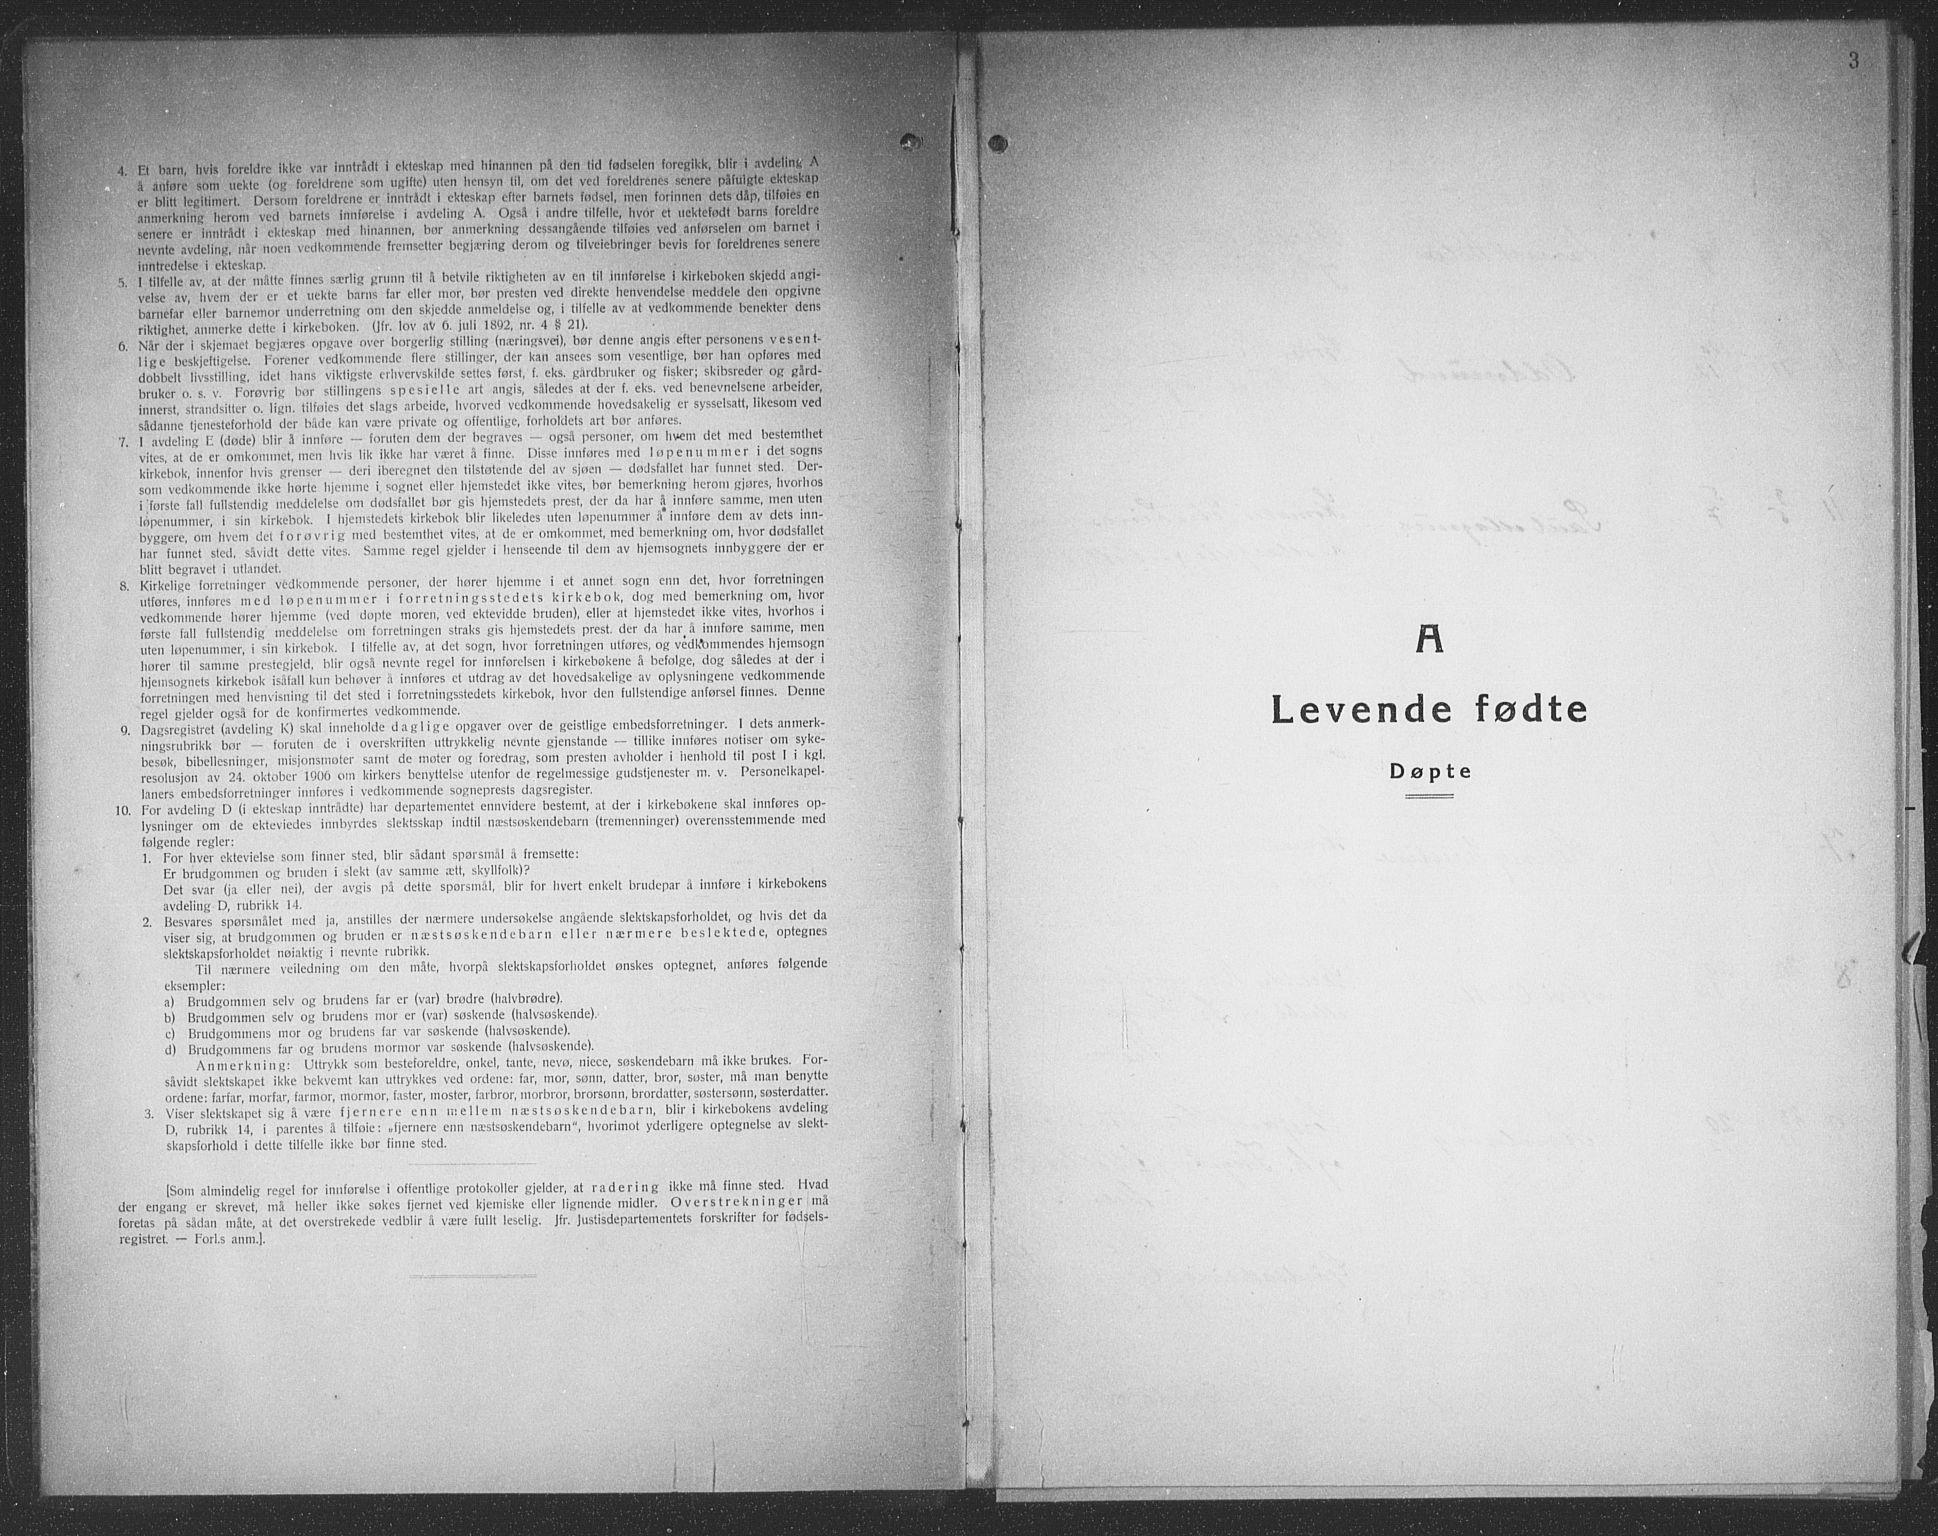 SAT, Ministerialprotokoller, klokkerbøker og fødselsregistre - Møre og Romsdal, 545/L0590: Klokkerbok nr. 545C04, 1931-1937, s. 3